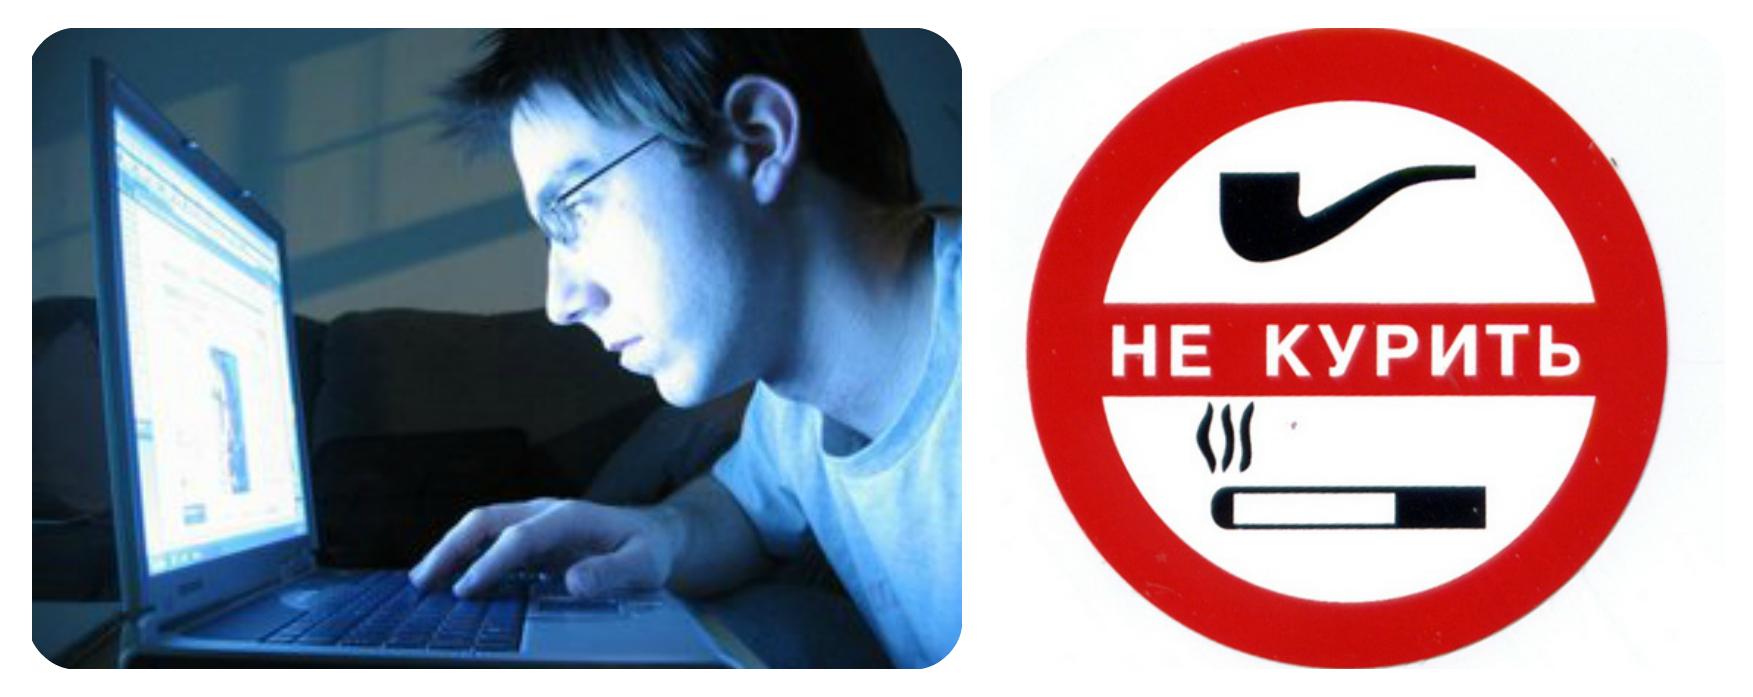 знак запрета курения, парень ночью за компьютером